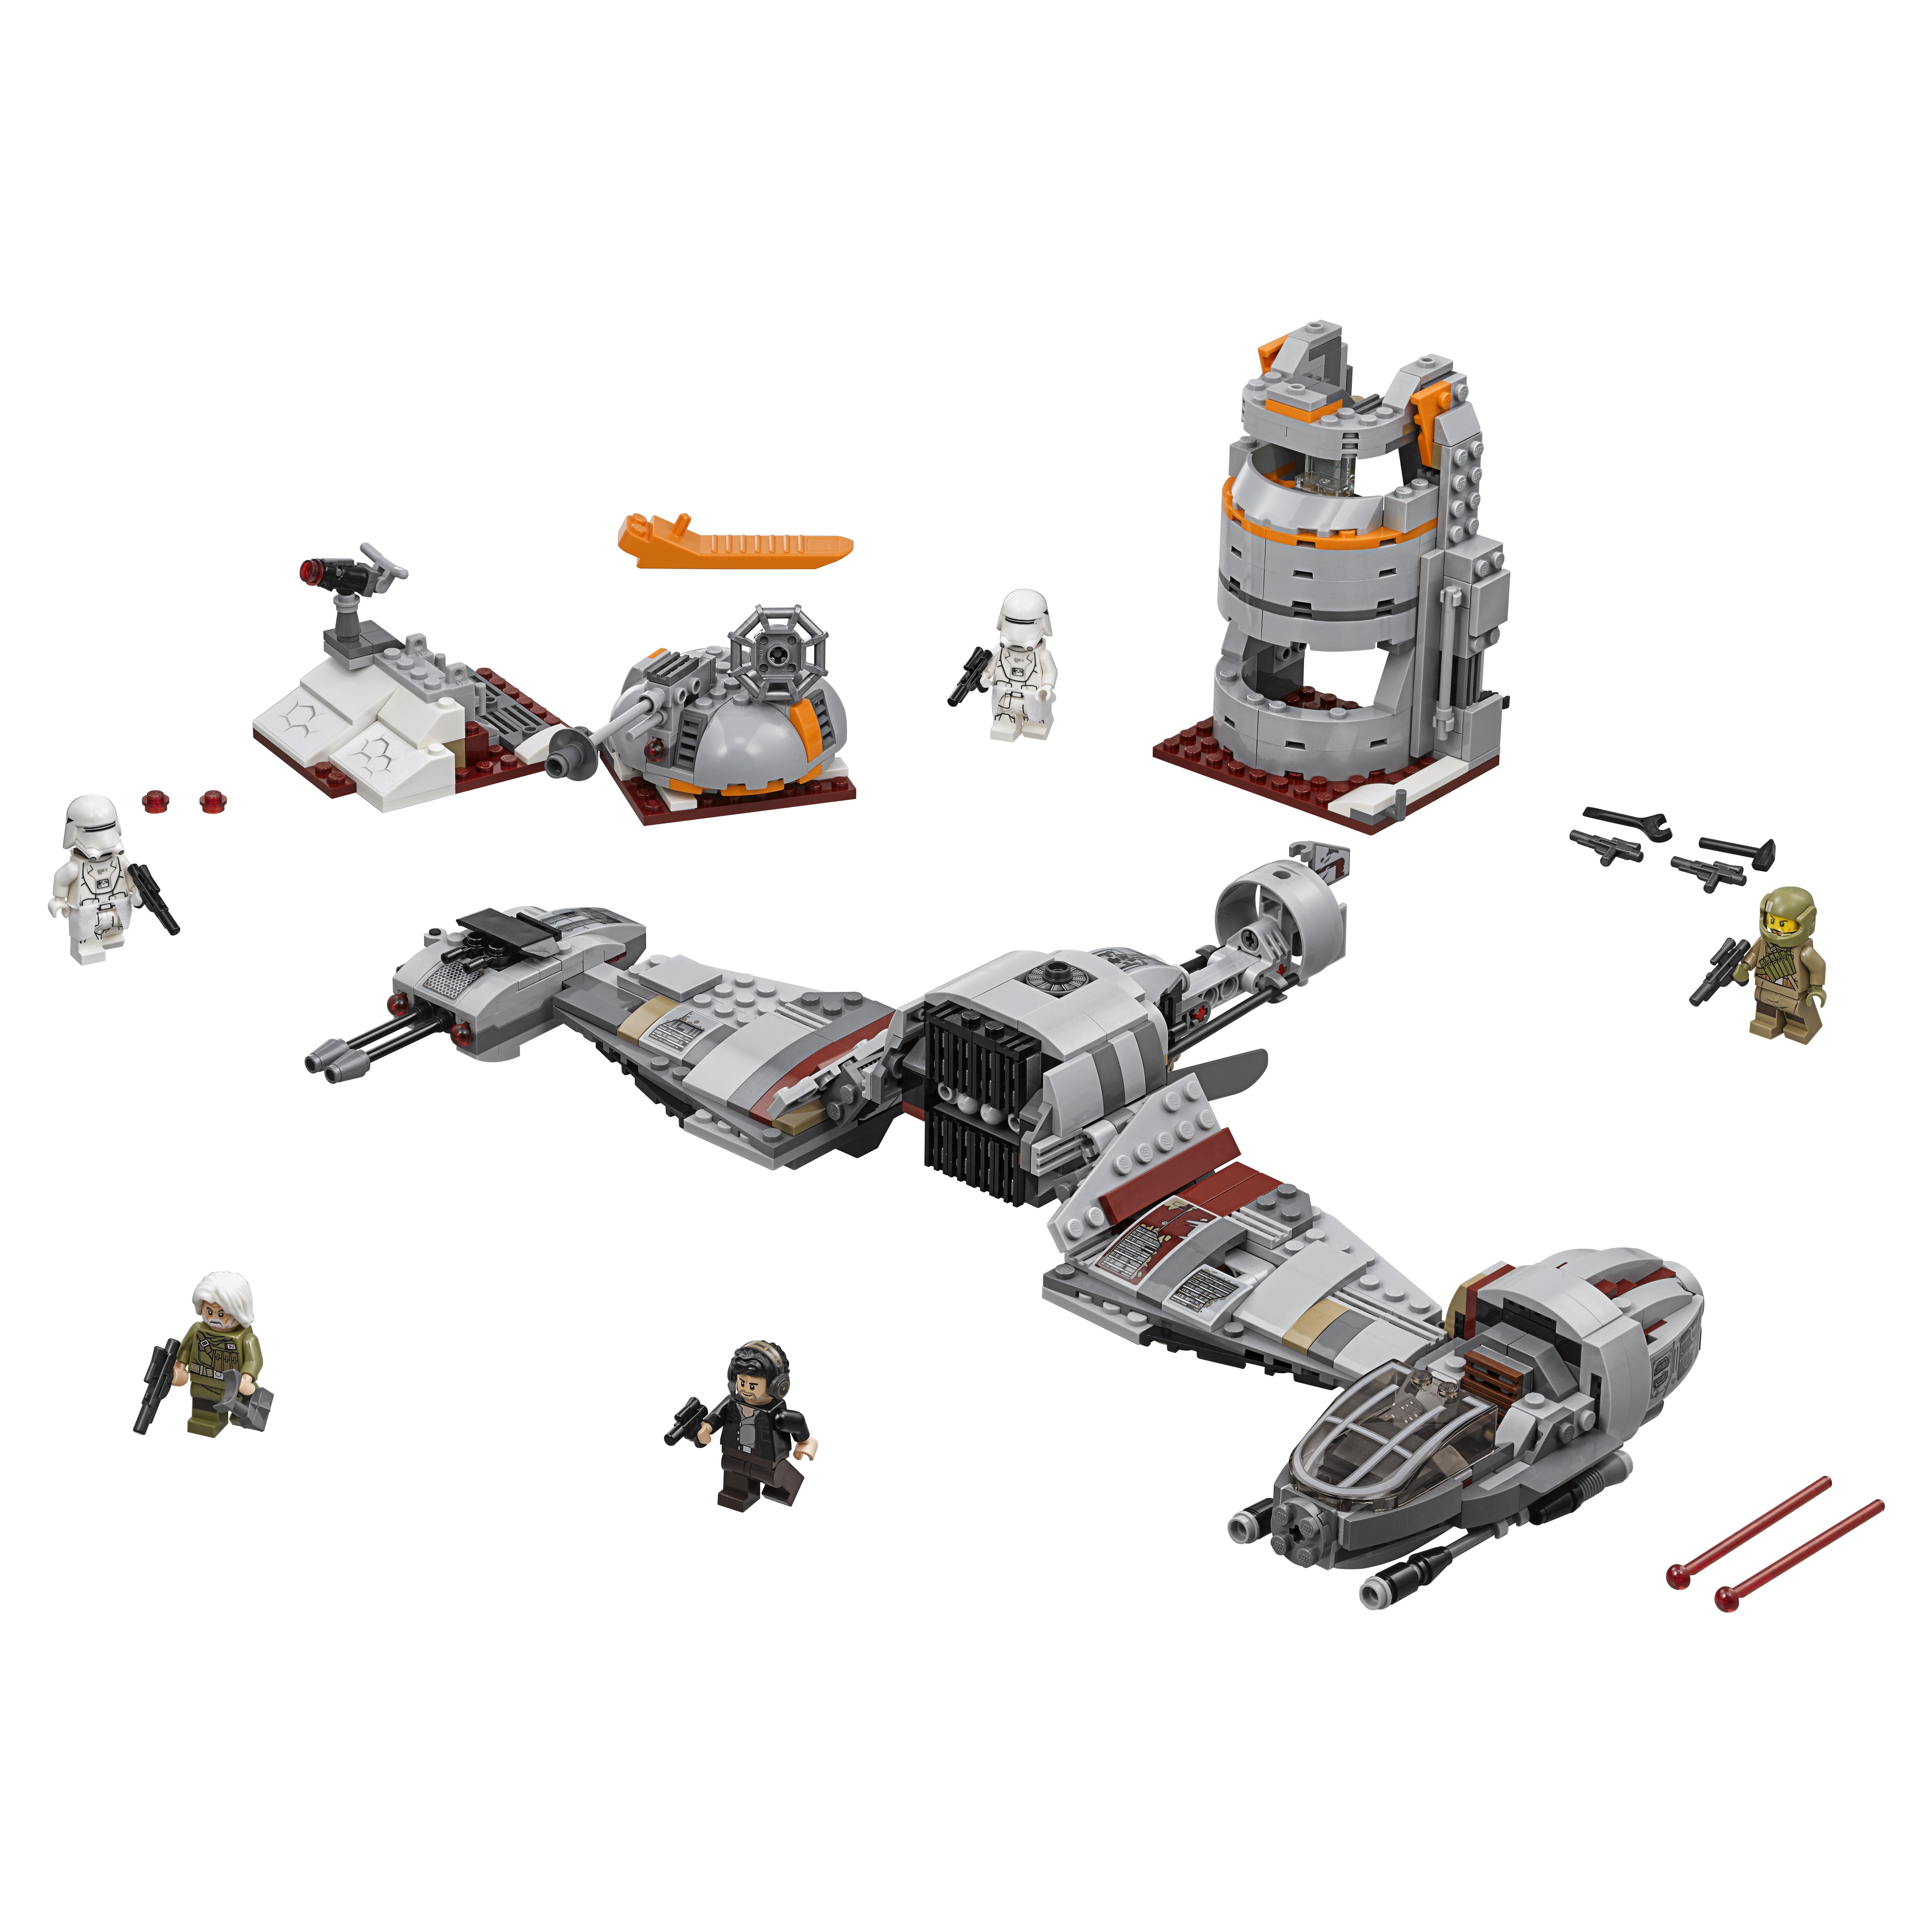 Конструктор LEGO Star Wars Защита Крайта (75202)